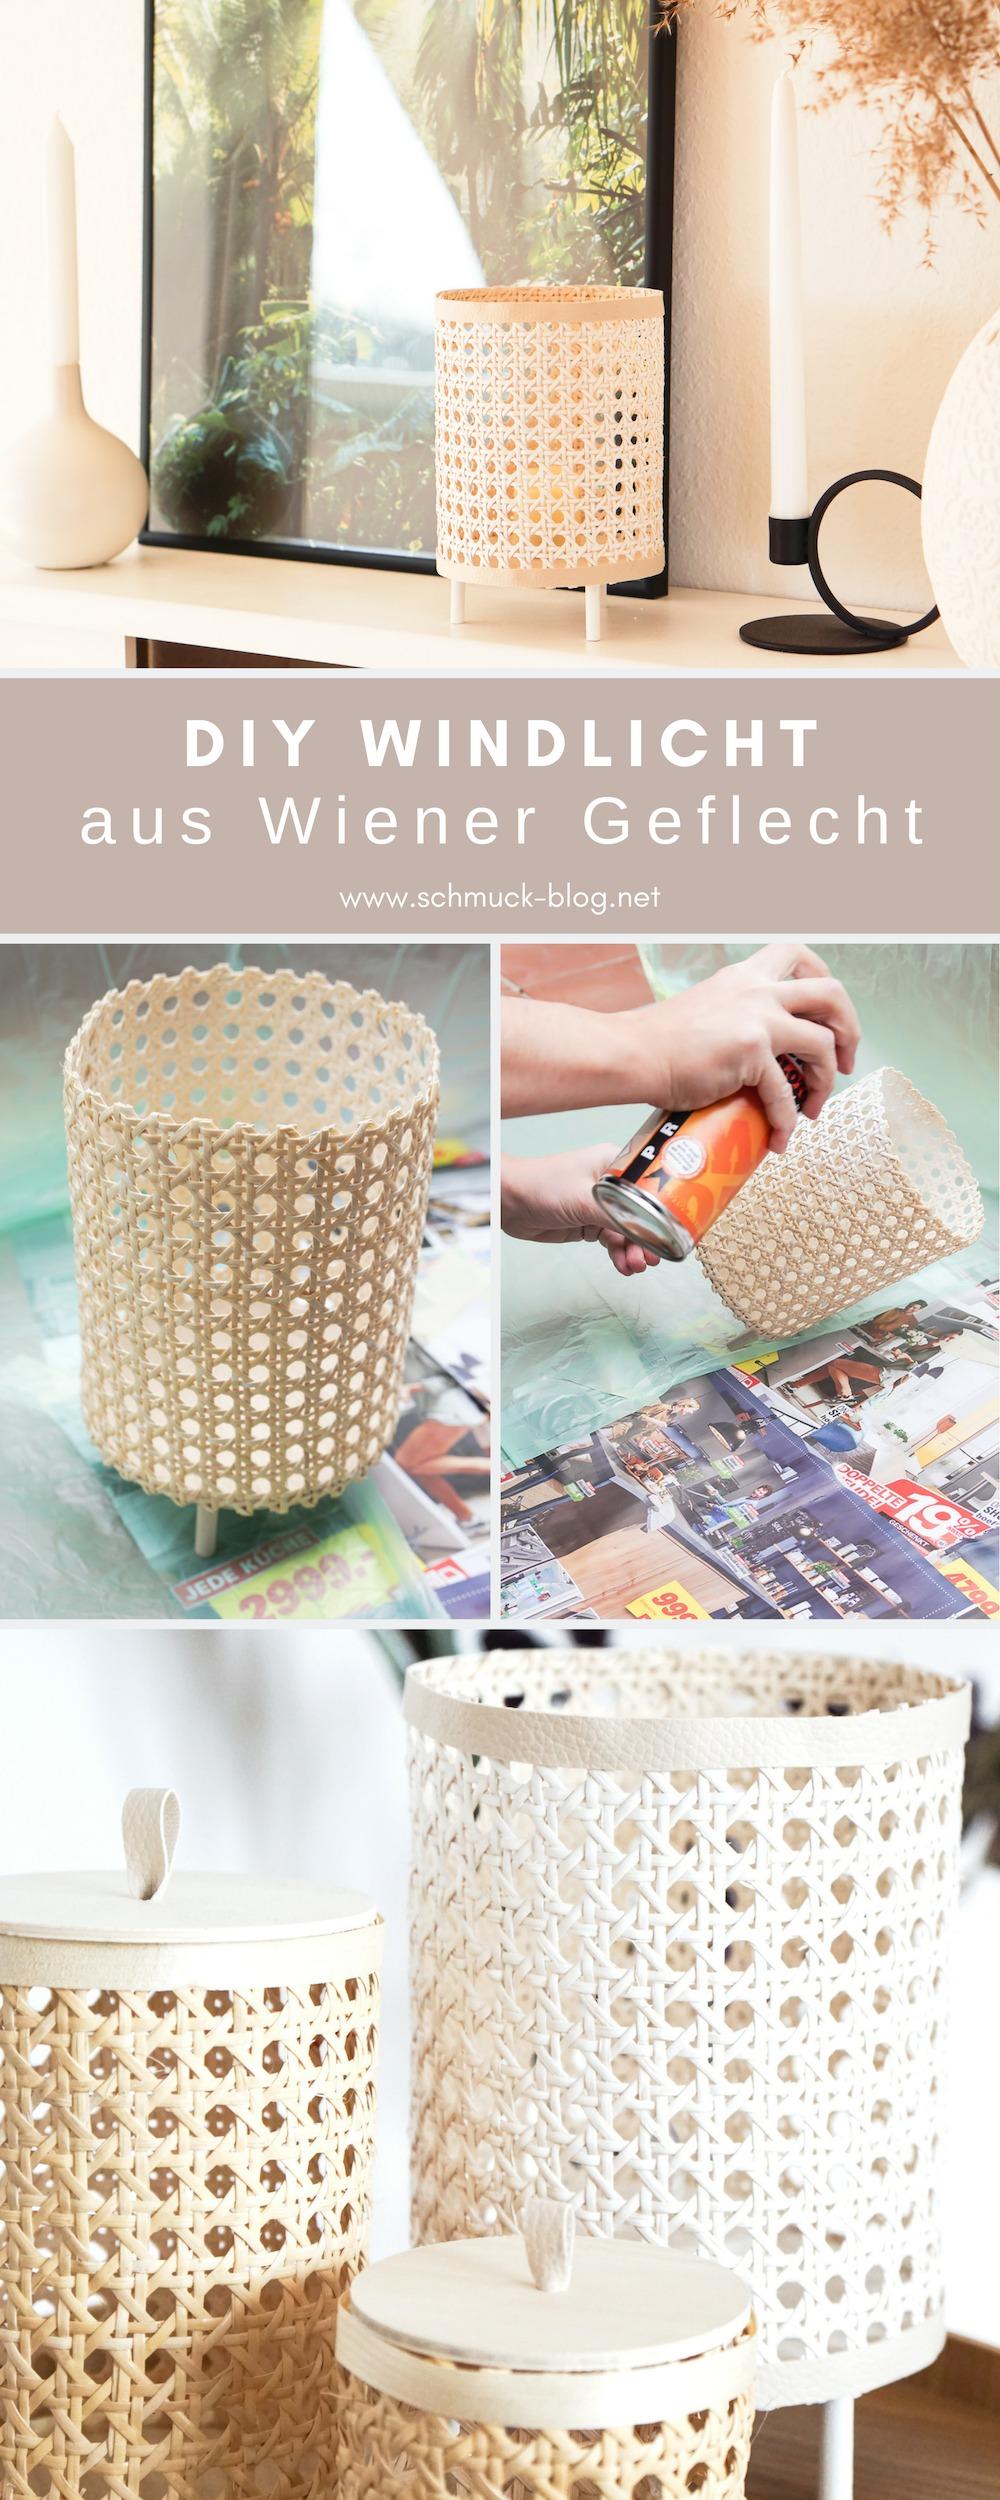 DIY Windlicht aus Wiener Geflecht / Rohrgeflecht einfach selbst basteln. Die DIY Bastelanleitung für diese tolle DIY Deko Idee findet ihr im Blog!